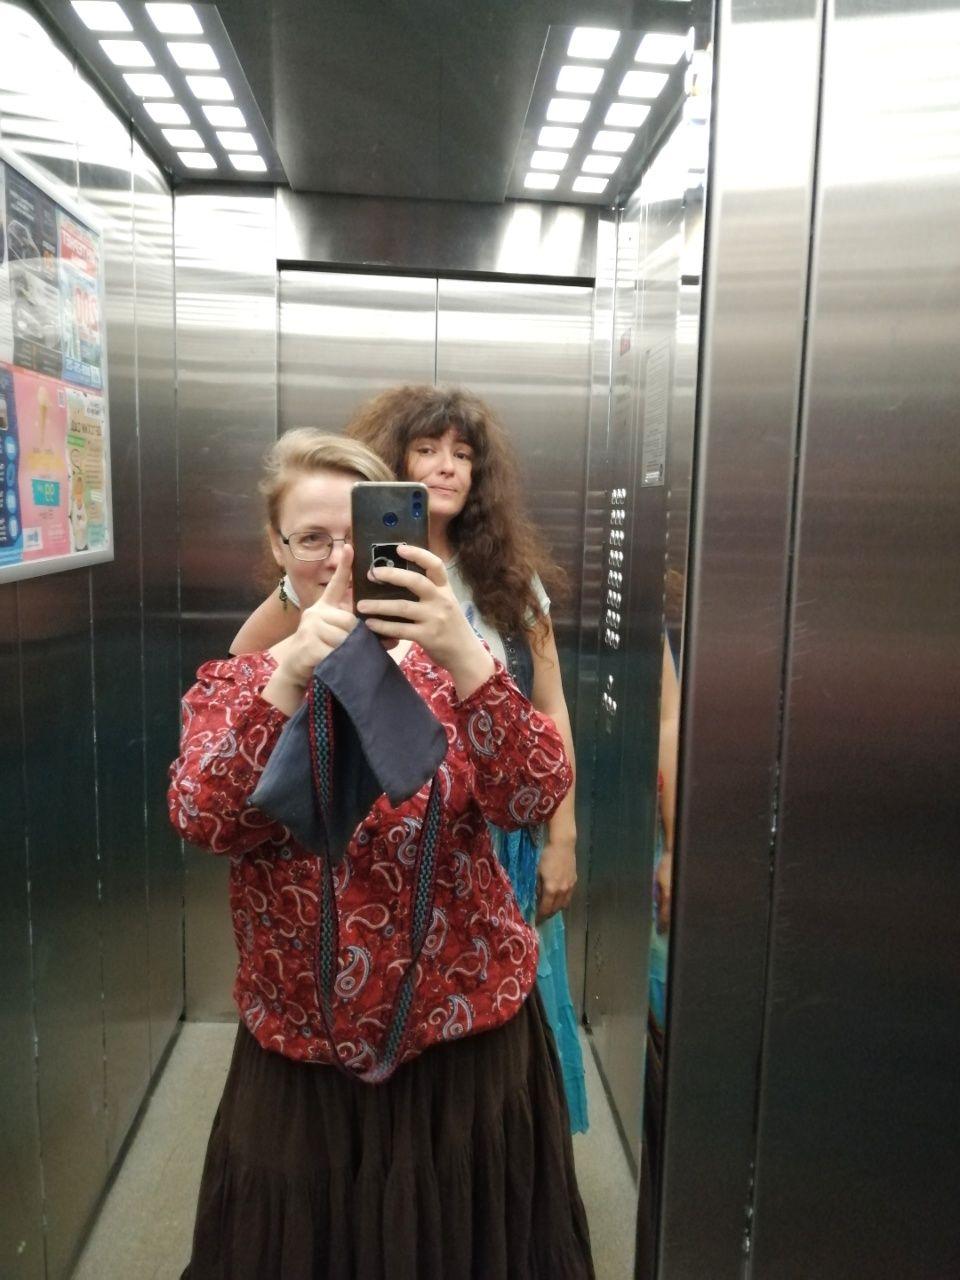 Мой день рождения с эльфами в северной столице, Санкт-Петербург, фото 20